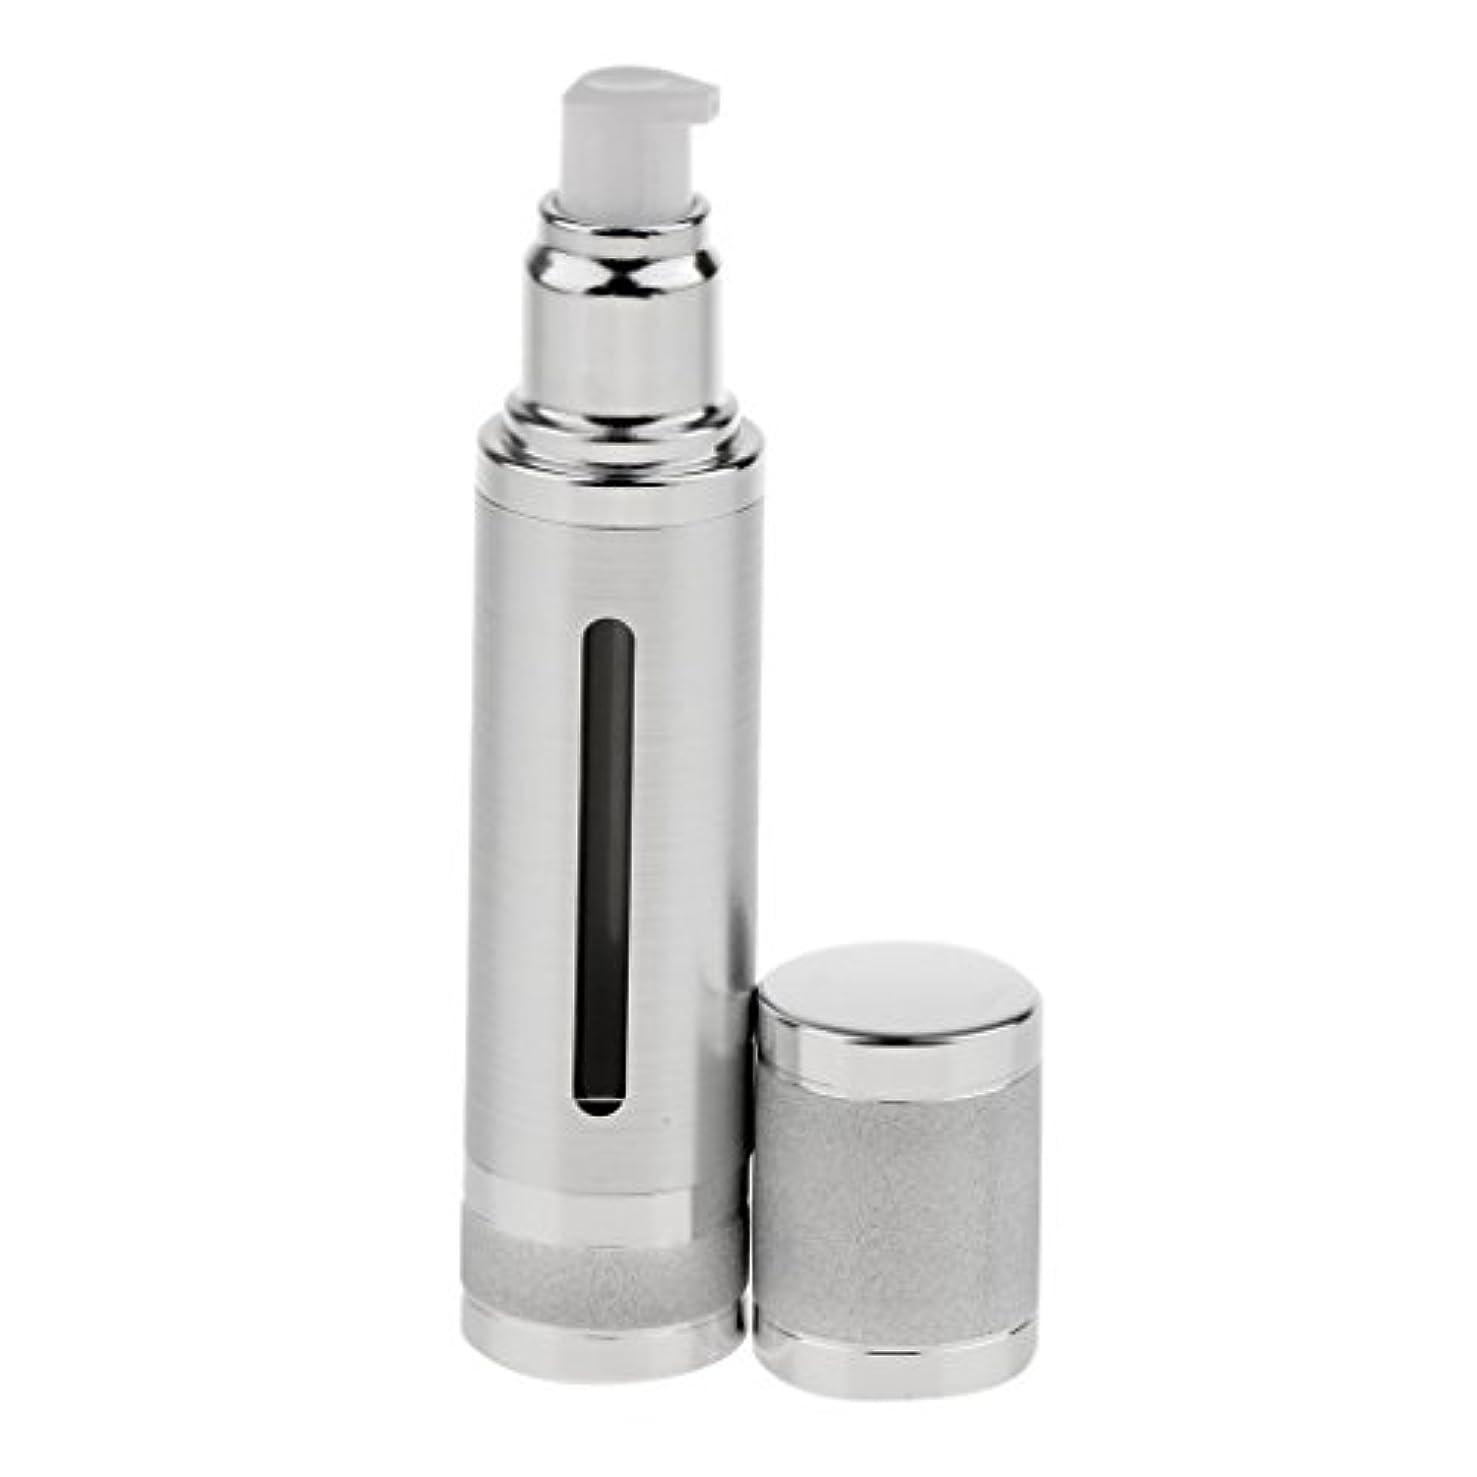 うつのみリゾートエアレスボトル 50ml エアレス ポンプボトル ローション クリーム 化粧品 詰め替え可 容器 2色選べる - 銀